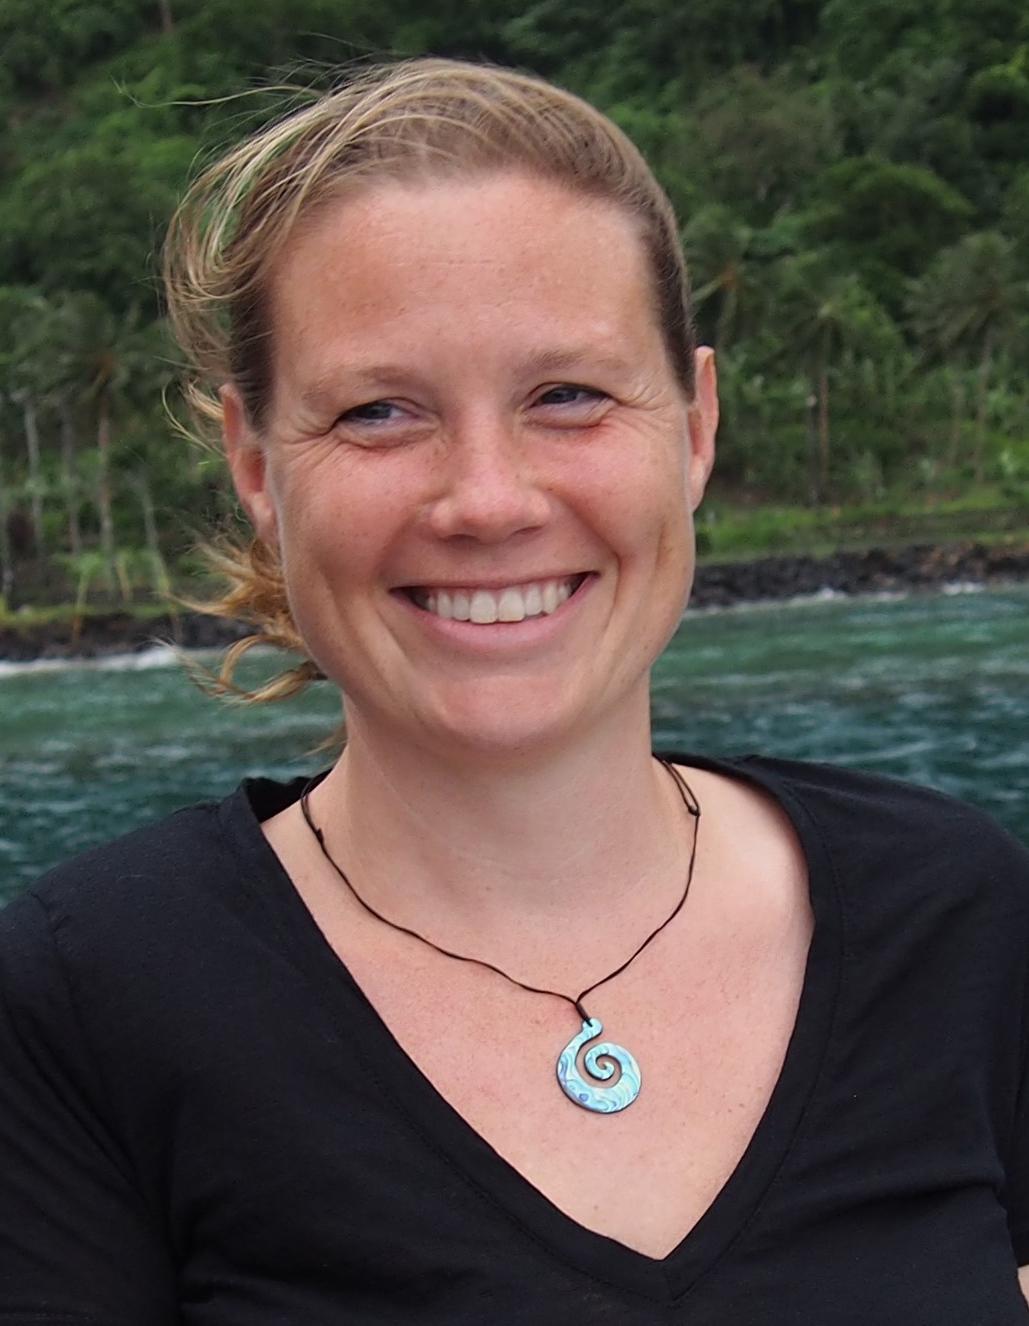 Sarah Pautzke